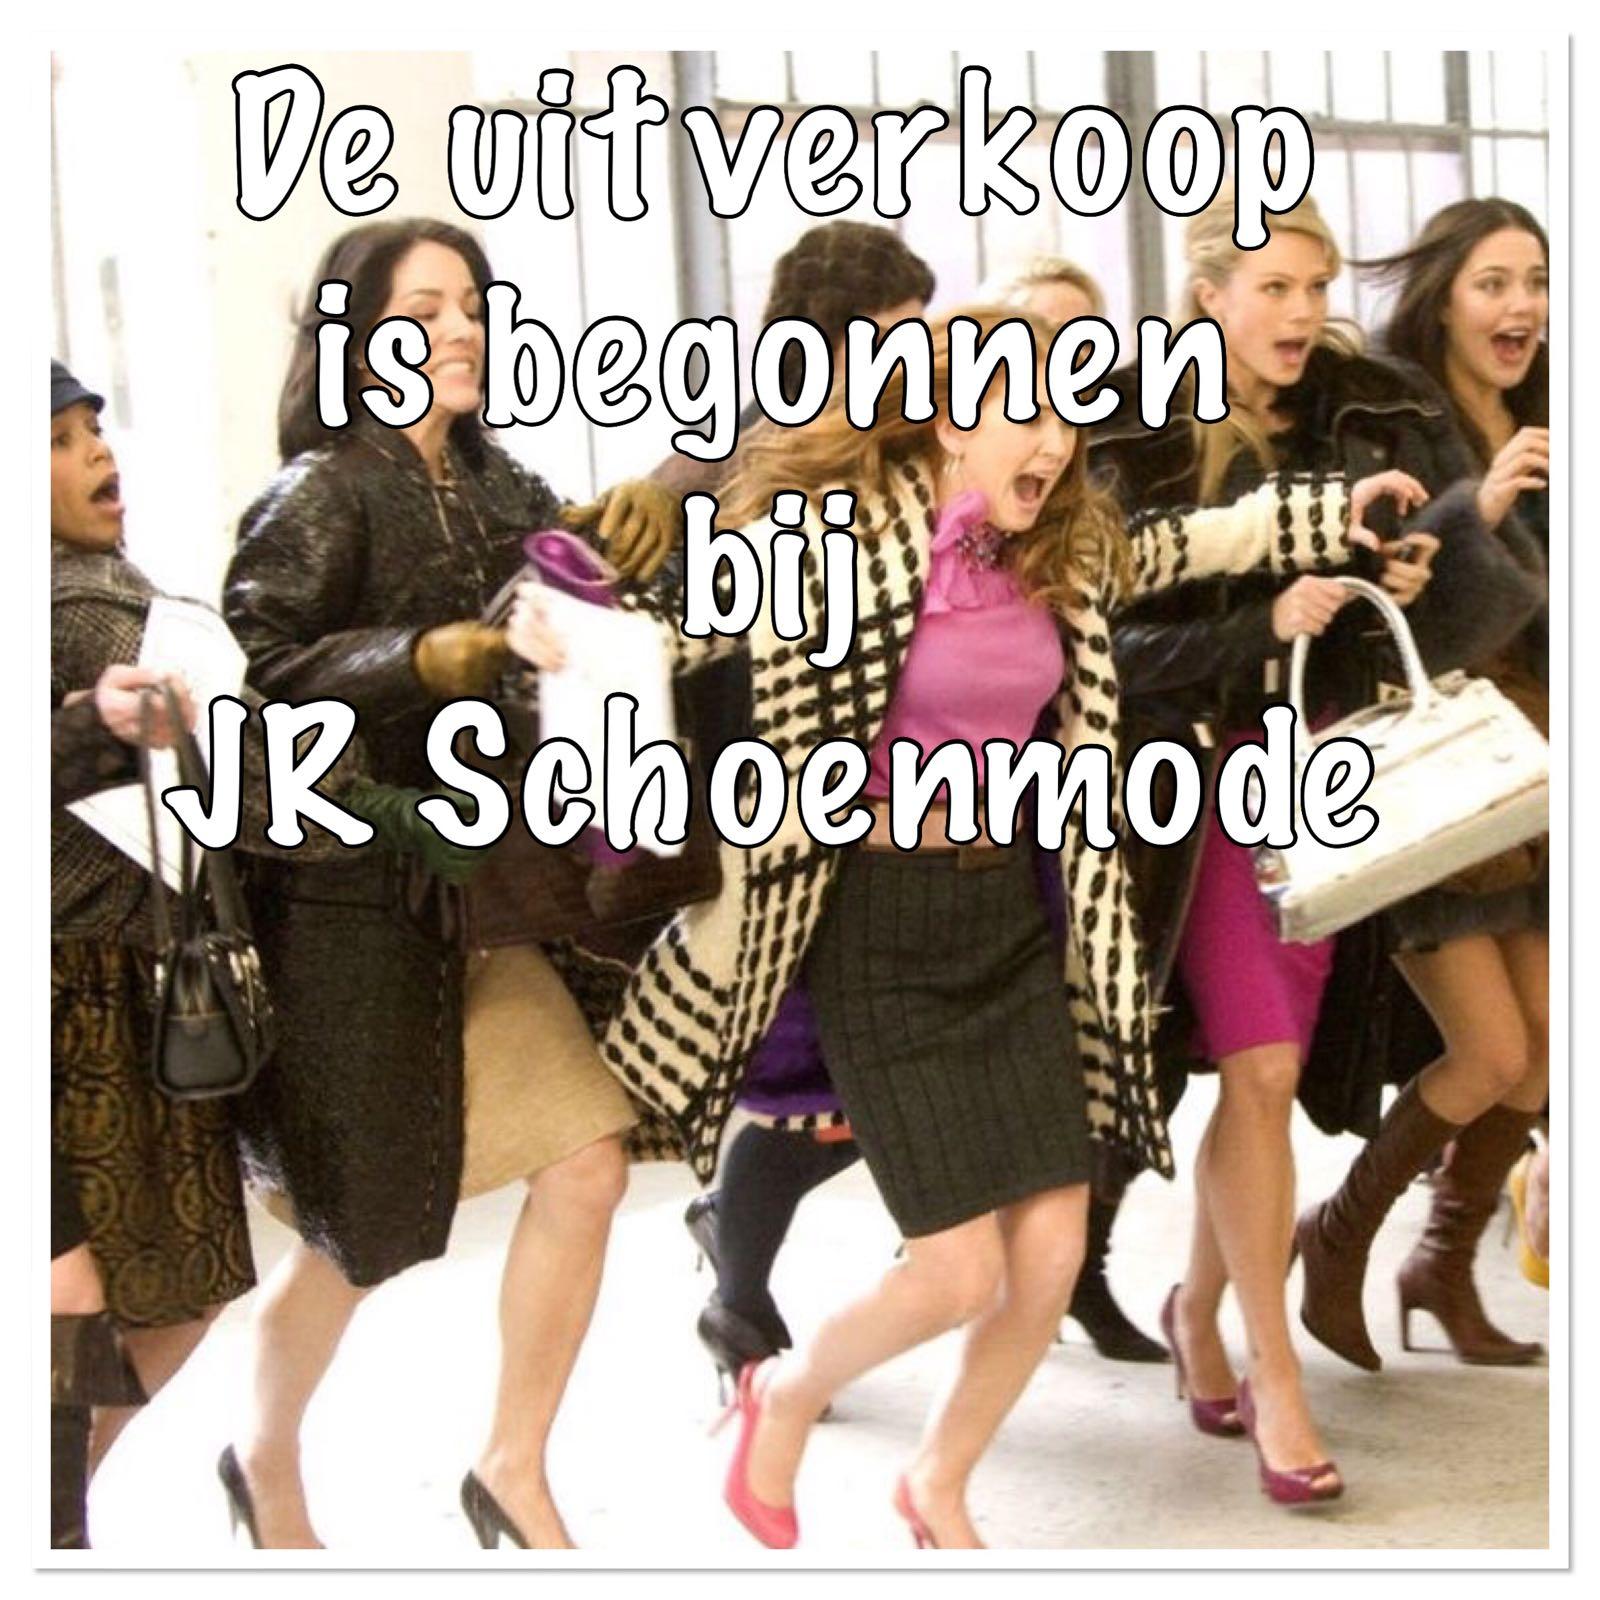 JR Schoenmode